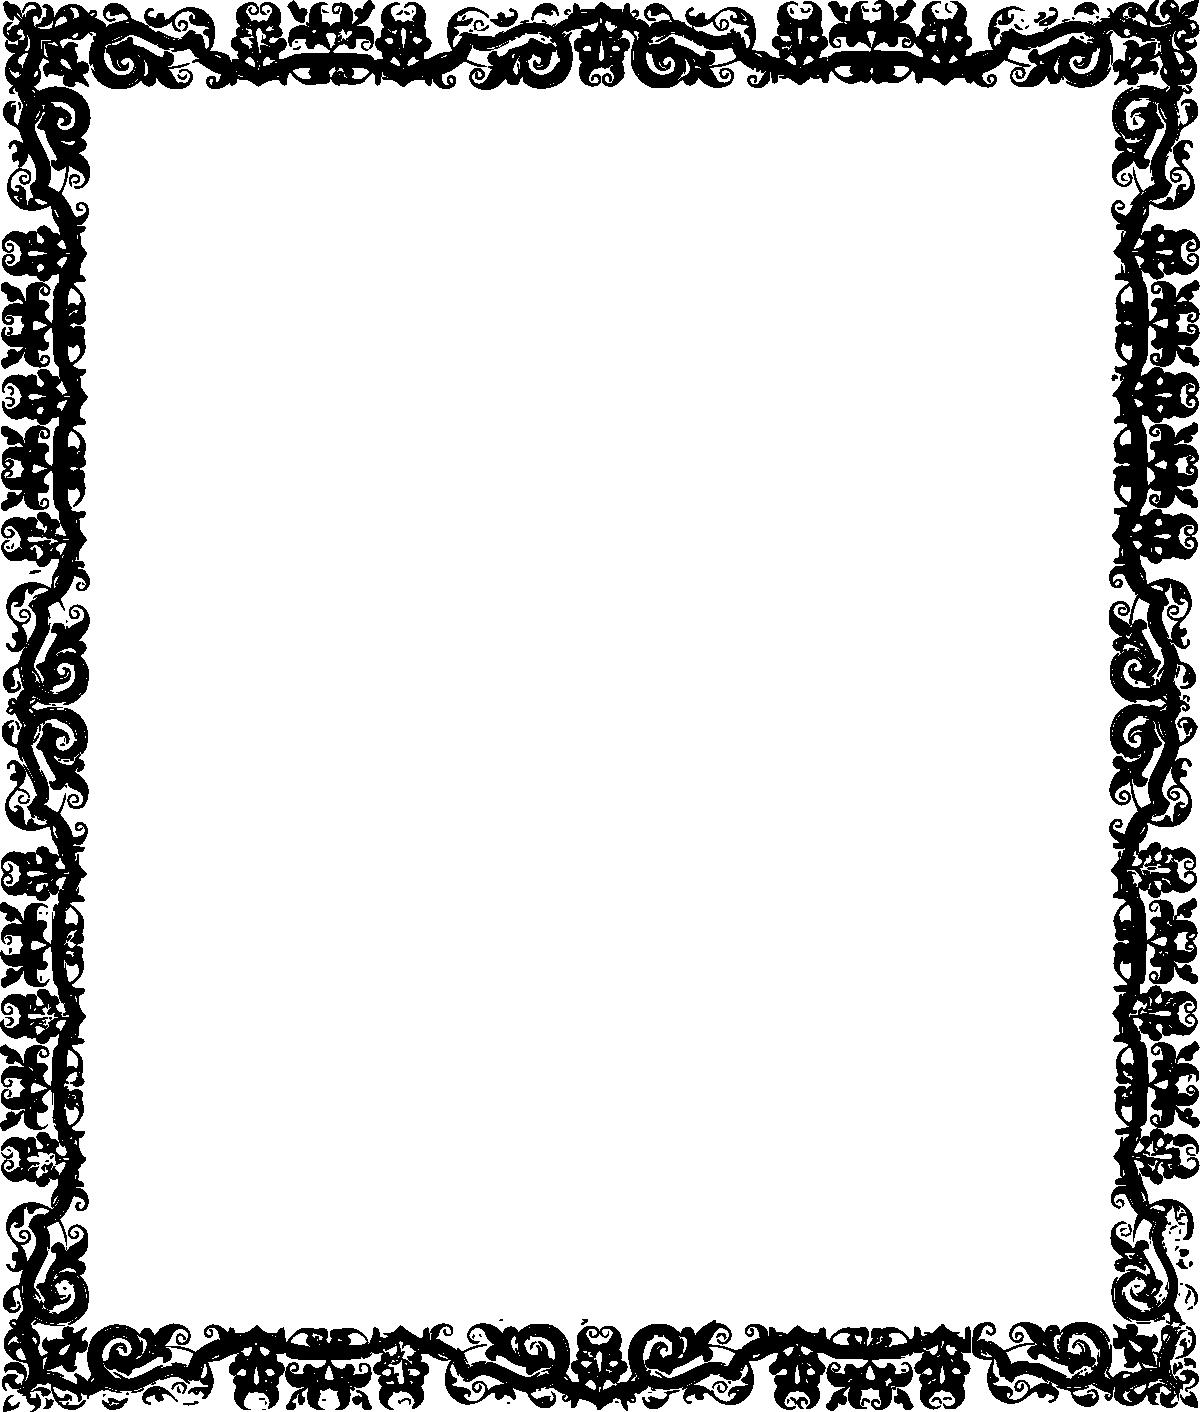 1200 x 1412 png 266kBMusic